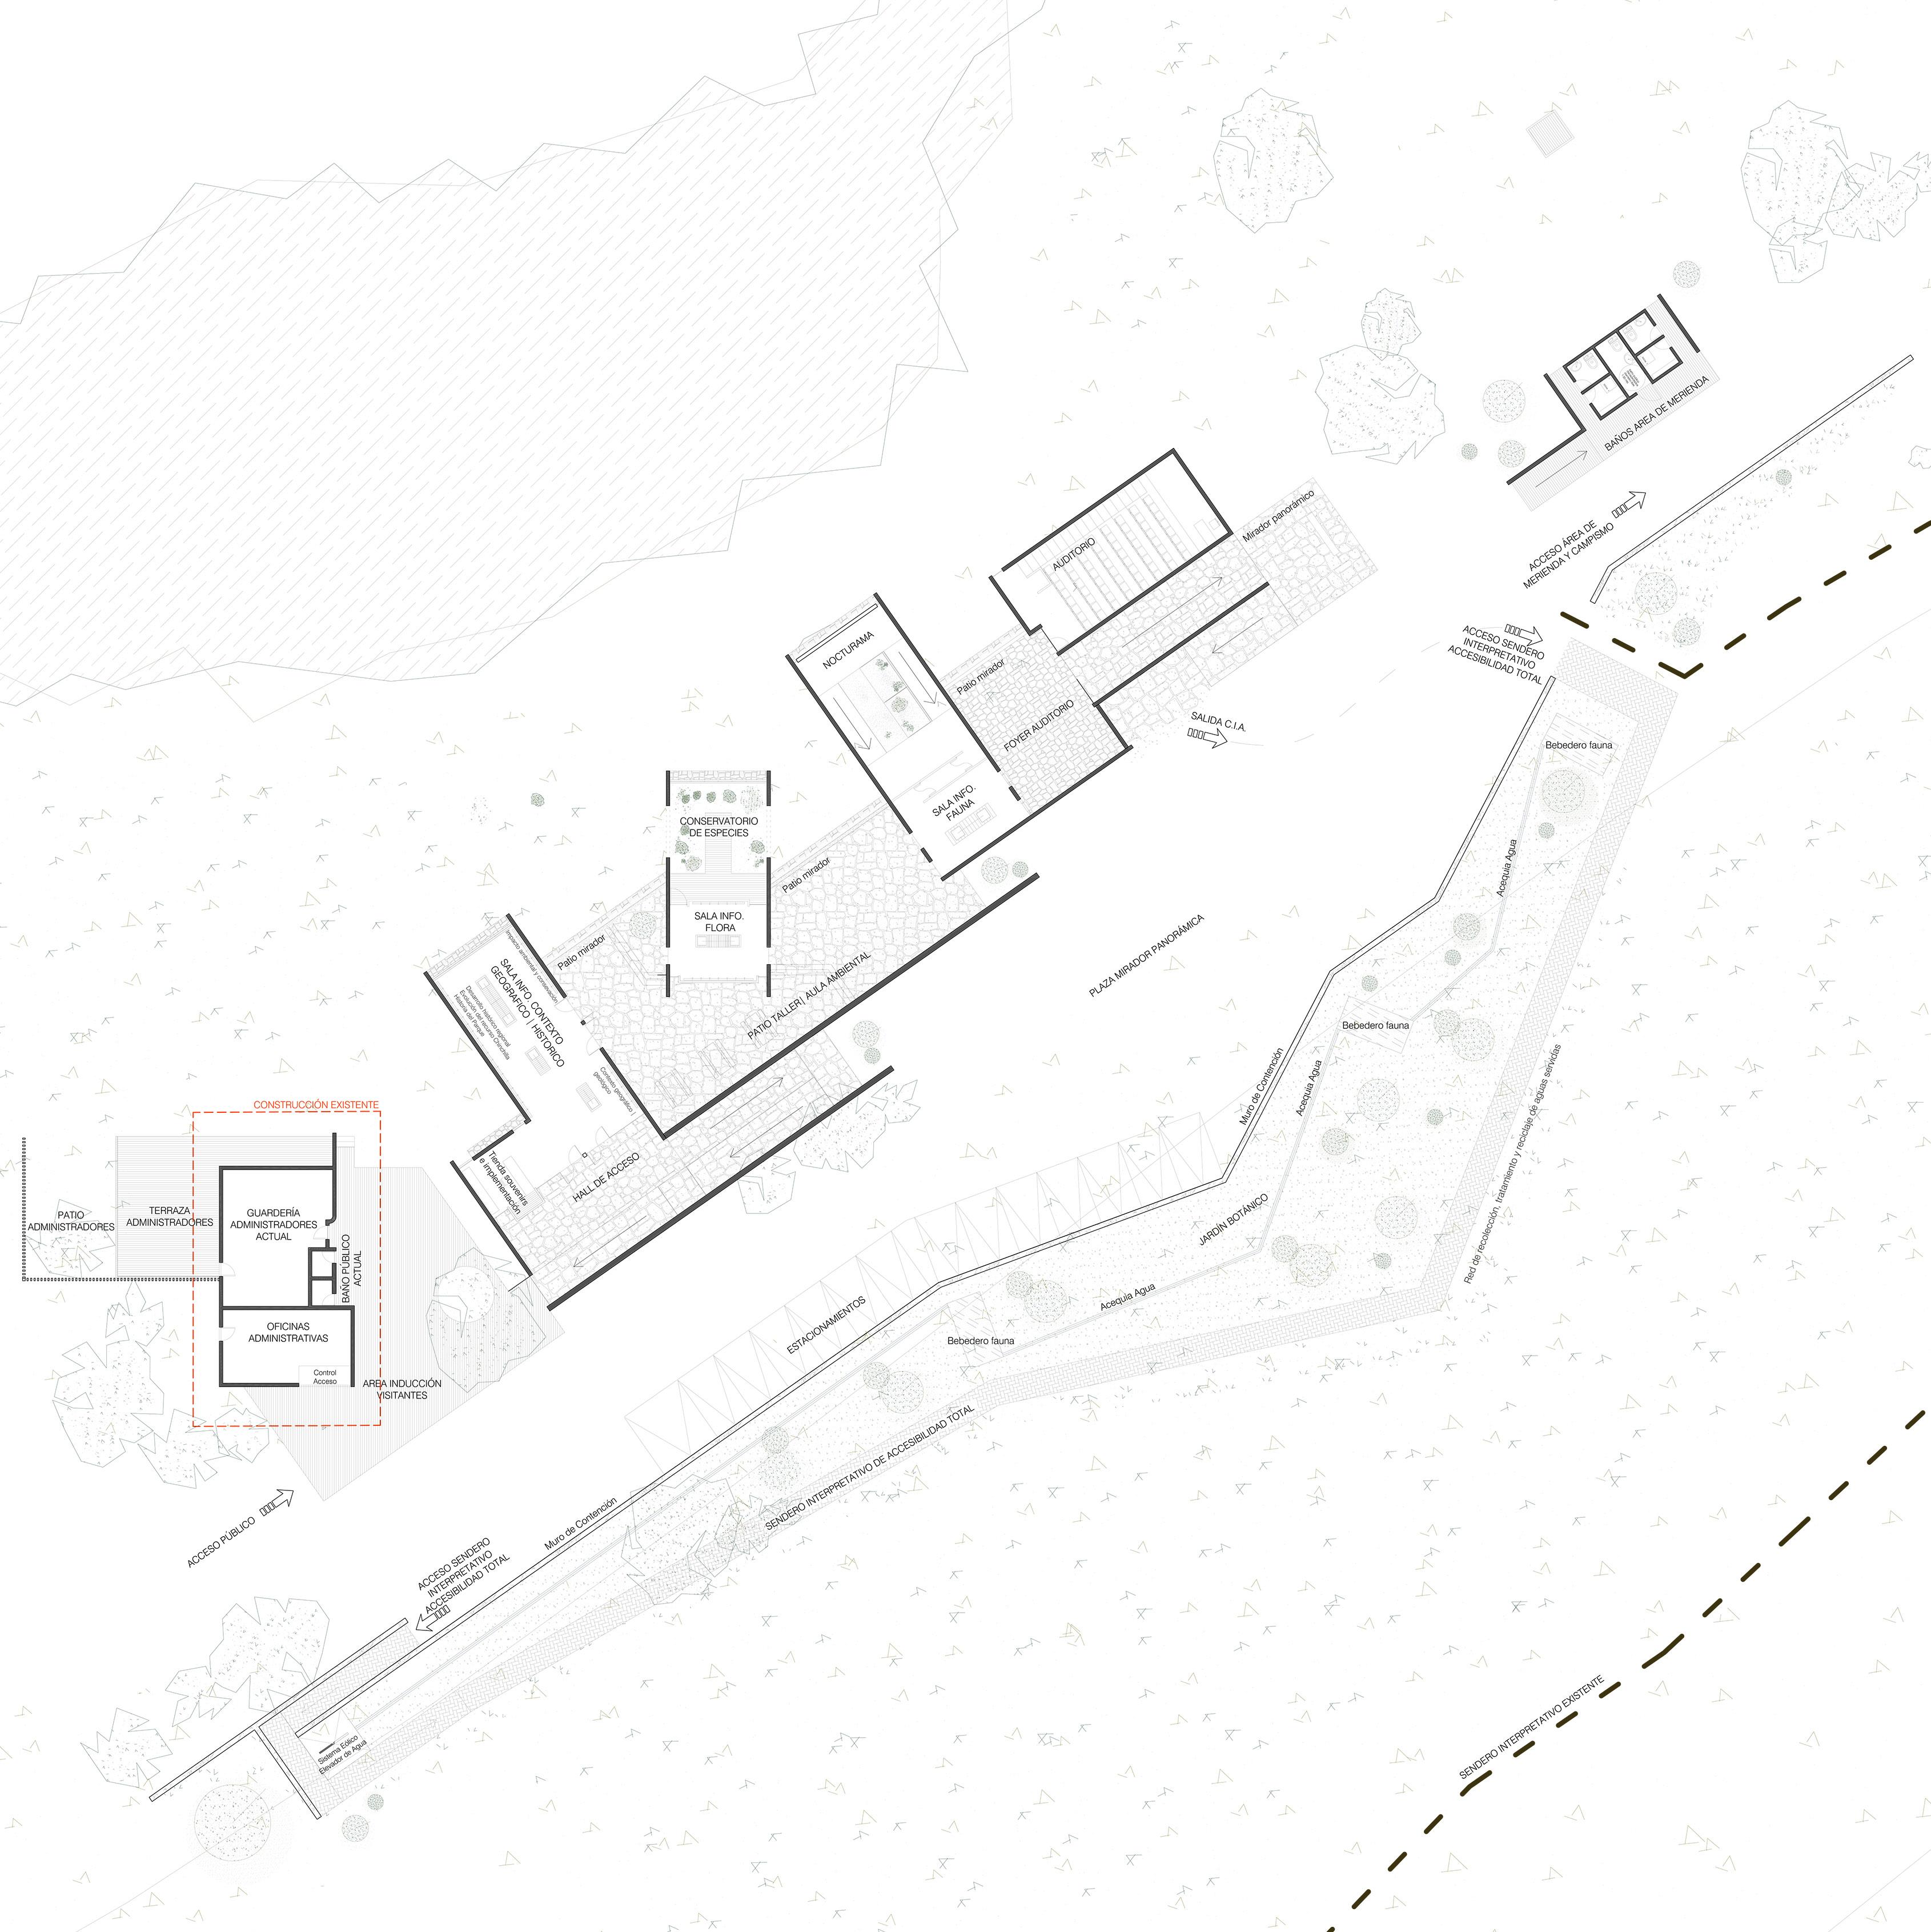 LÁM_04_-_Planta_Arquitectura_C.I